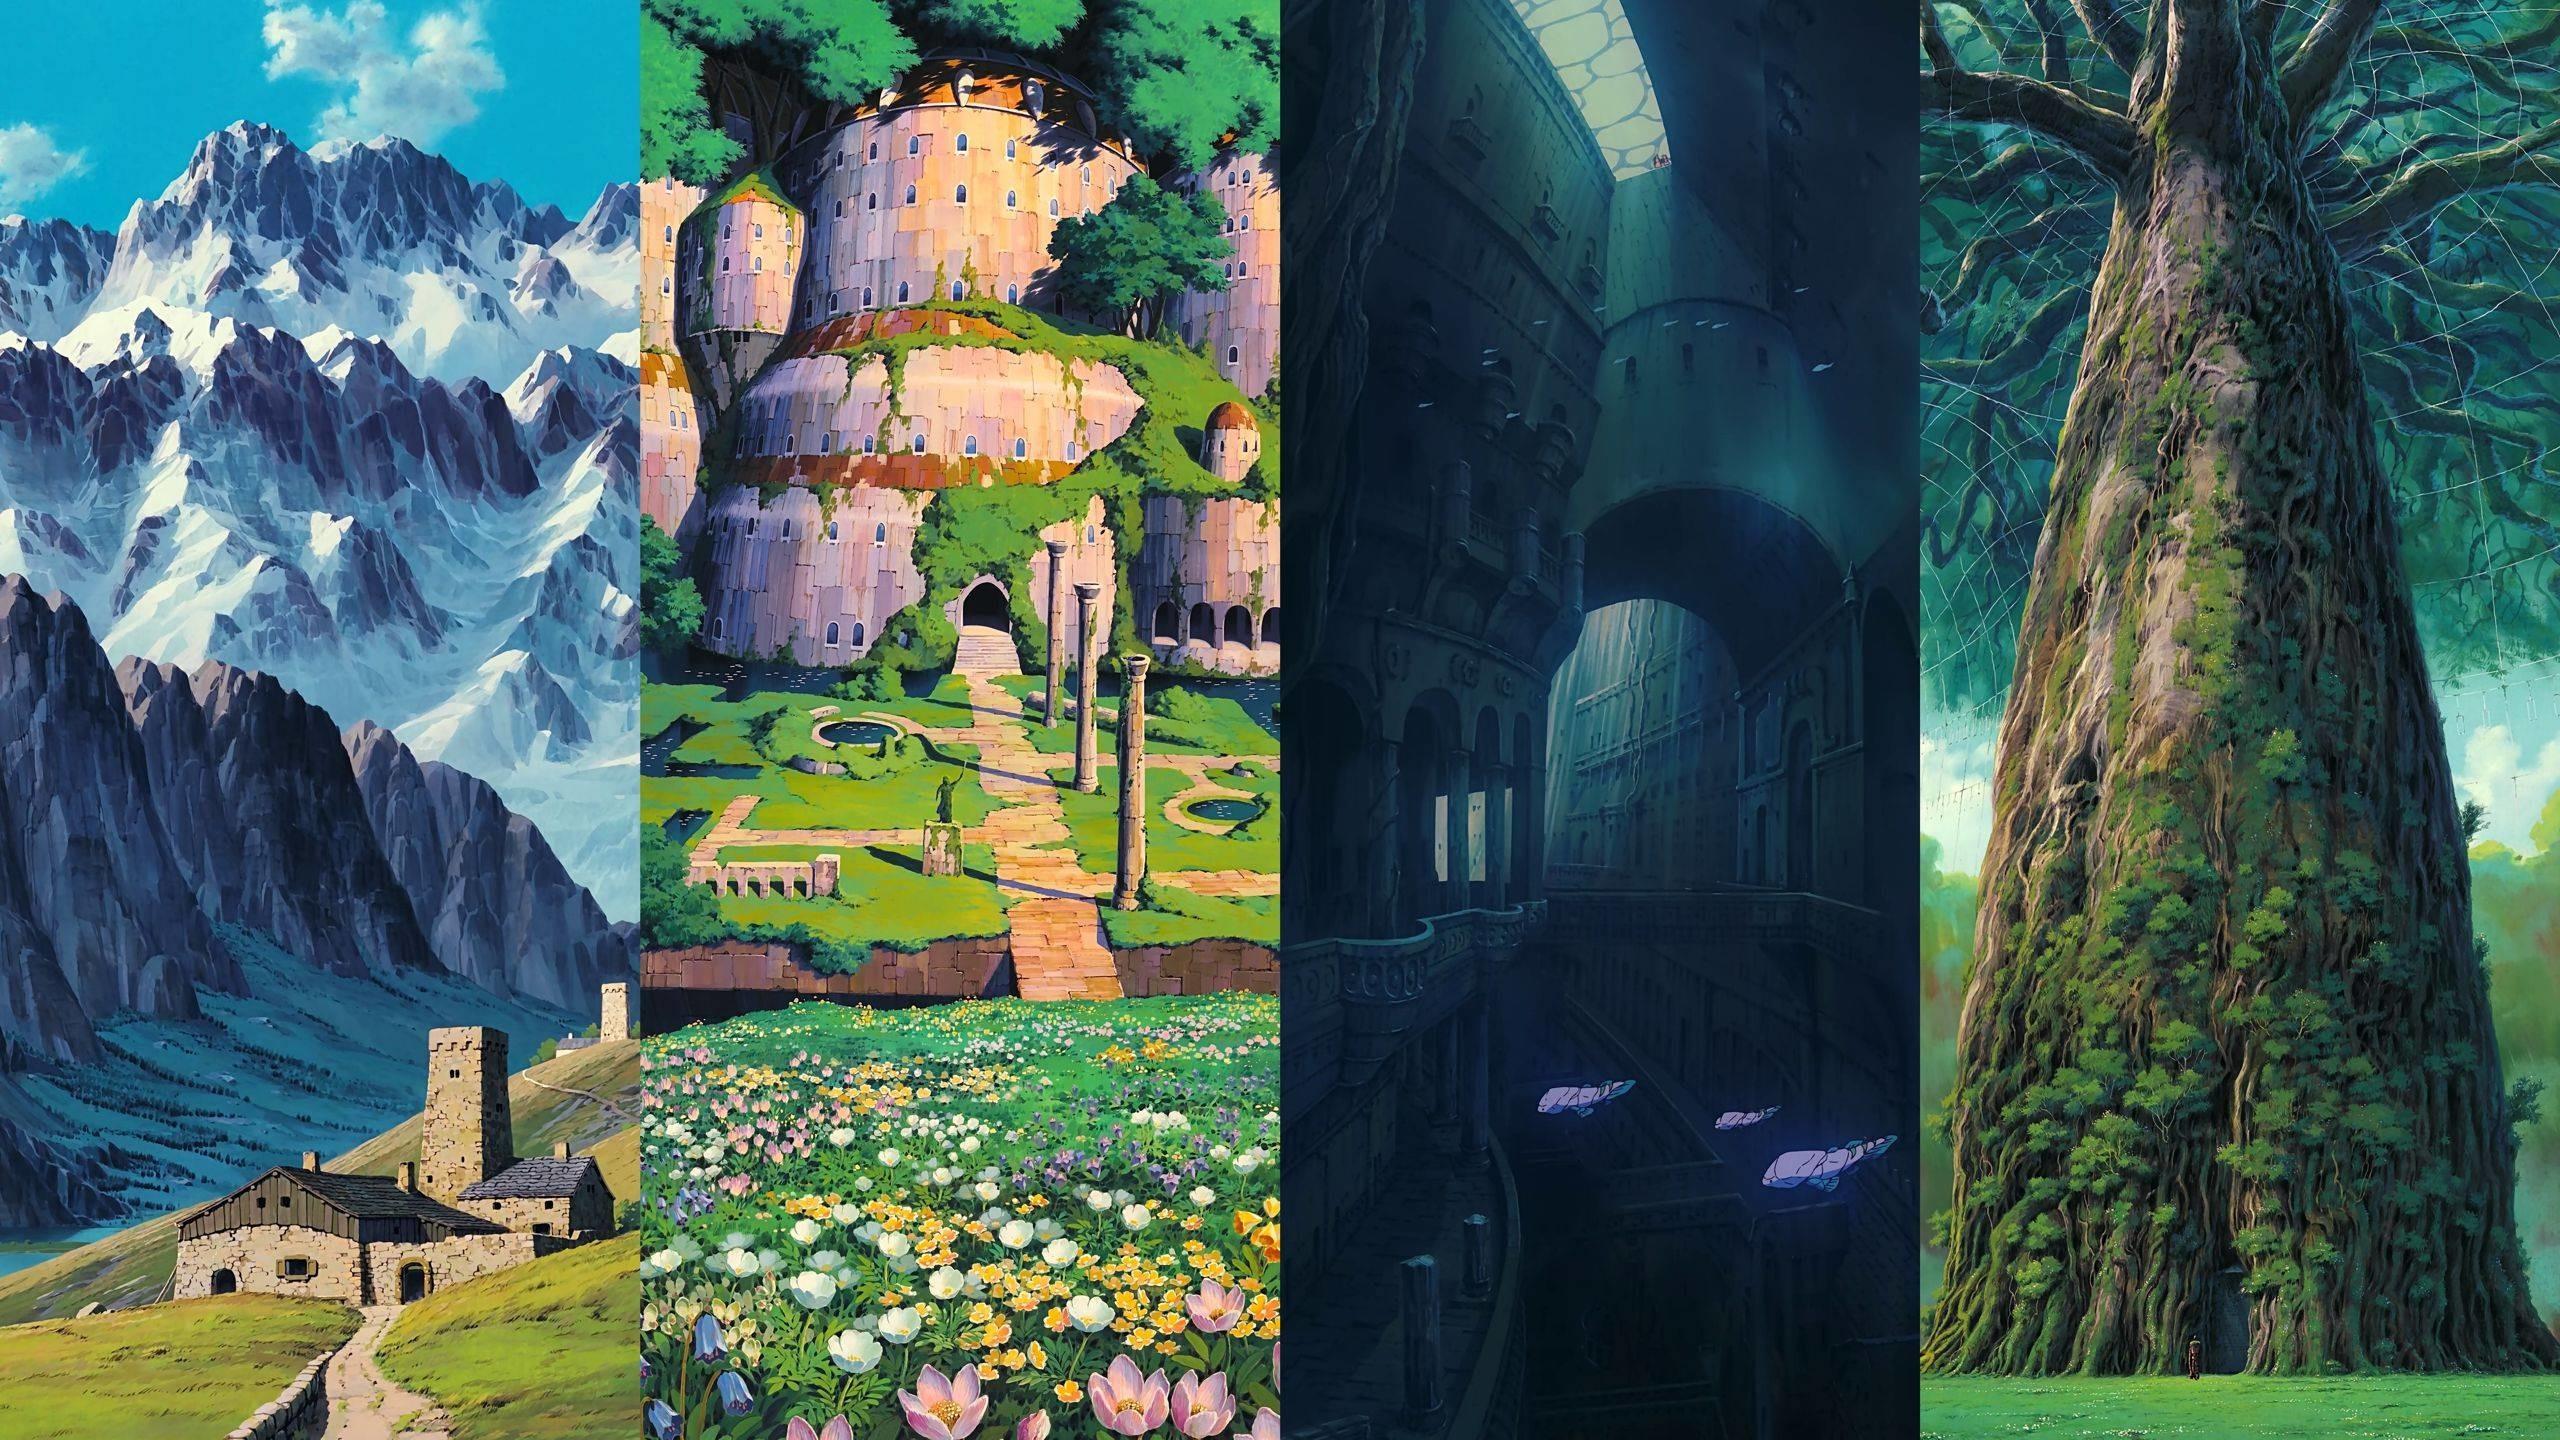 Studio Ghibli Wallpaper (66+ Images